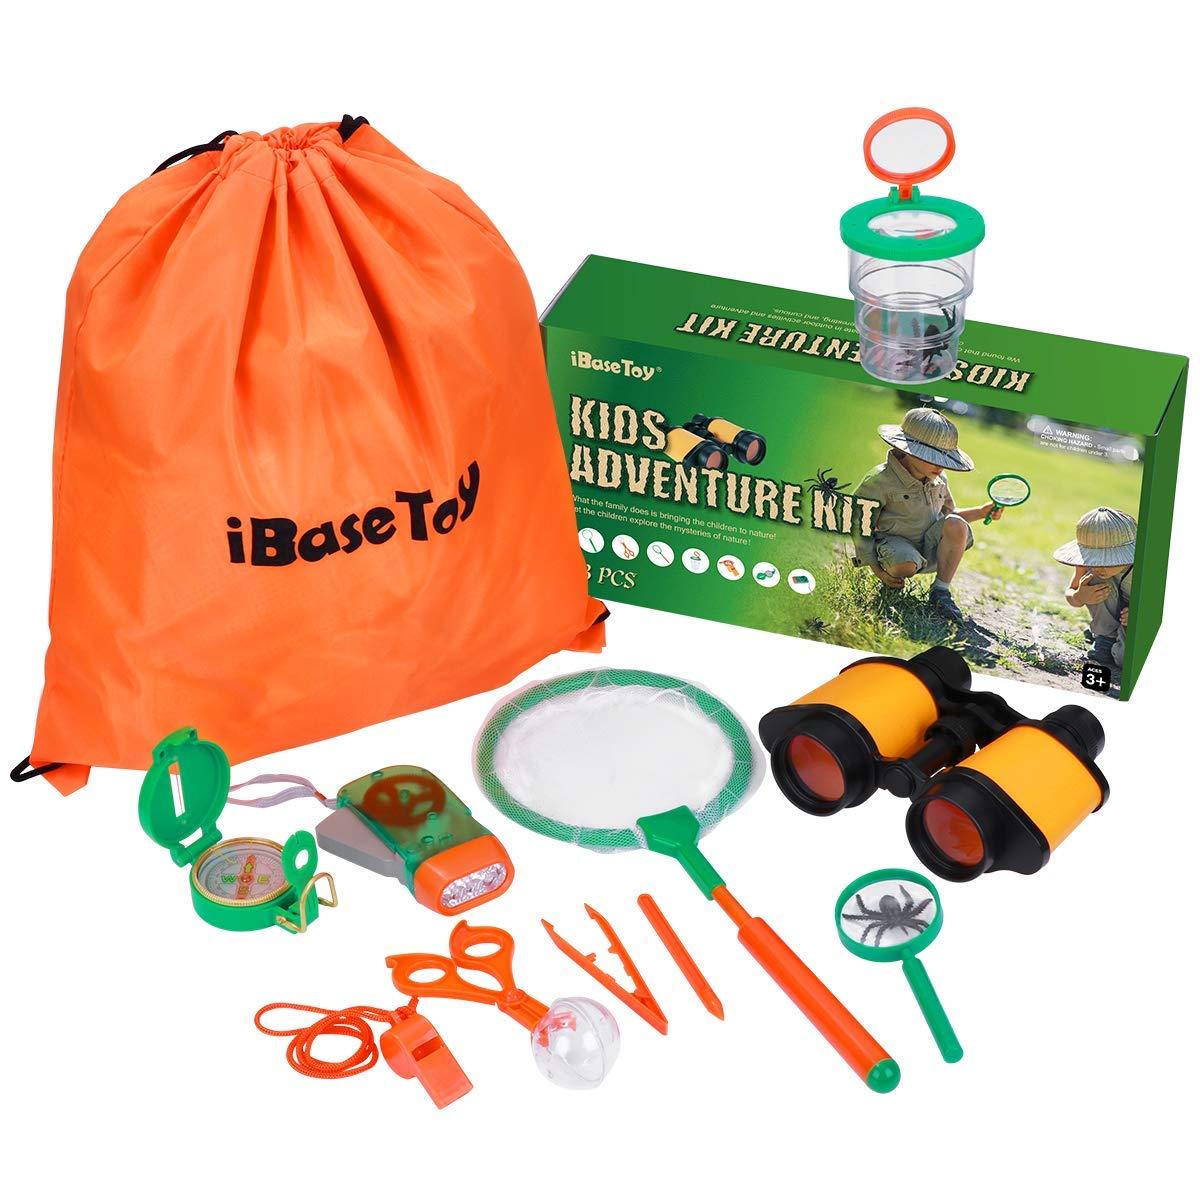 Adventure Kids-Outdoor Explorer Kit